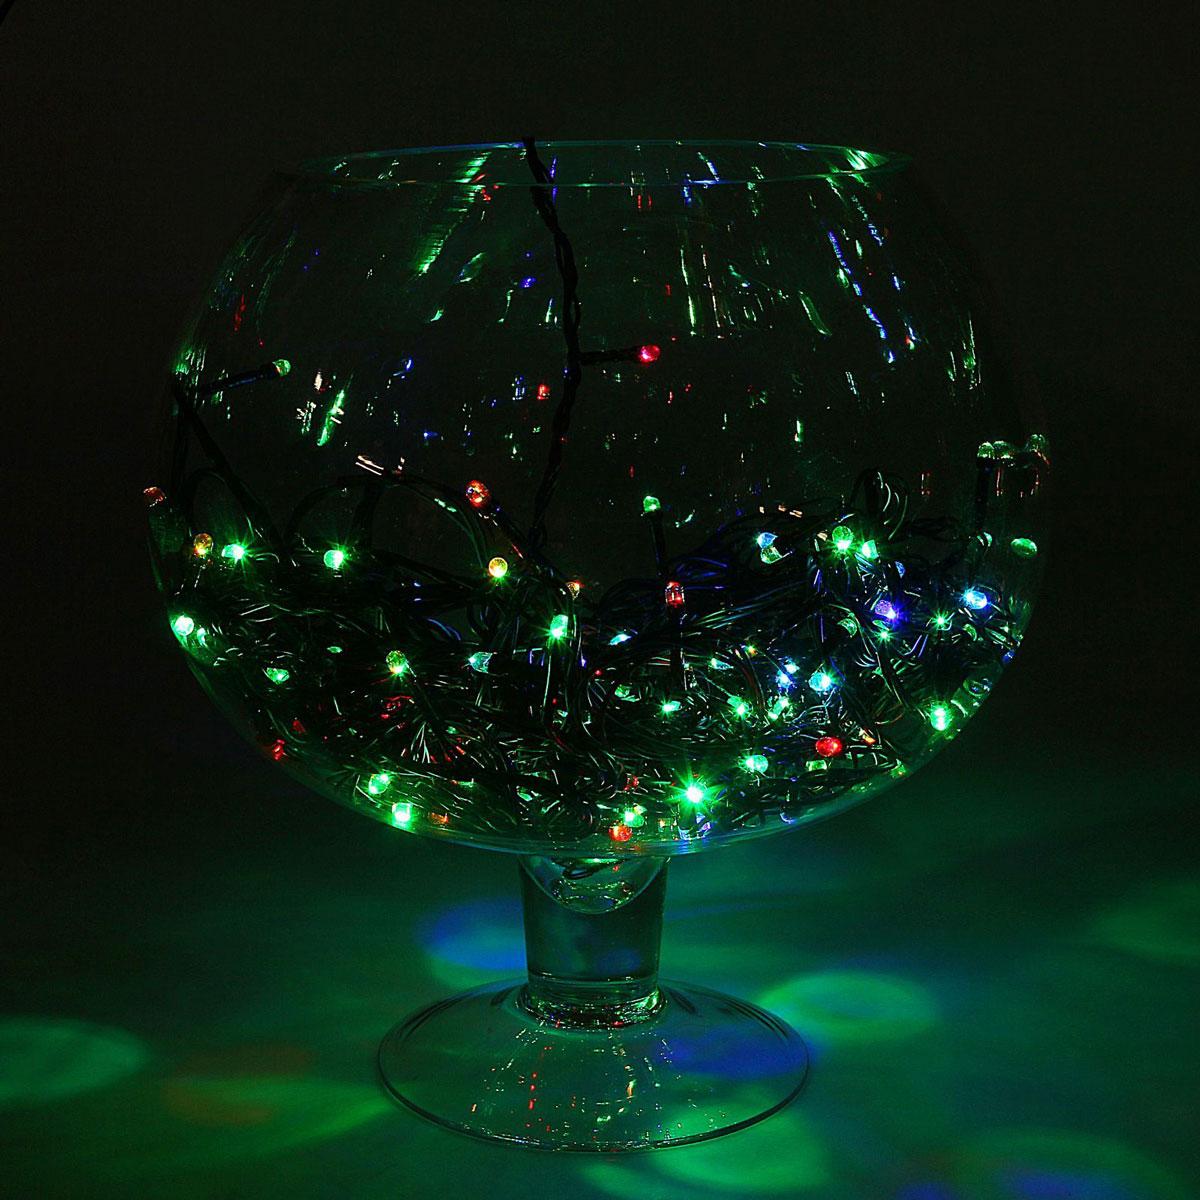 Гирлянда светодиодная Luazon Метраж, цвет: мультиколор, 150 ламп, 220 V, длина 13 м. 10803561080356Светодиодные гирлянды и ленты — это отличный вариант для новогоднего оформления интерьера или фасада. С их помощью помещение любого размера можно превратить в праздничный зал, а внешние элементы зданий, украшенные ими, мгновенно станут напоминать очертания сказочного дворца. Такие украшения создают ауру предвкушения чуда. Деревья, фасады, витрины, окна и арки будто специально созданы, чтобы вы украсили их светящимися нитями.